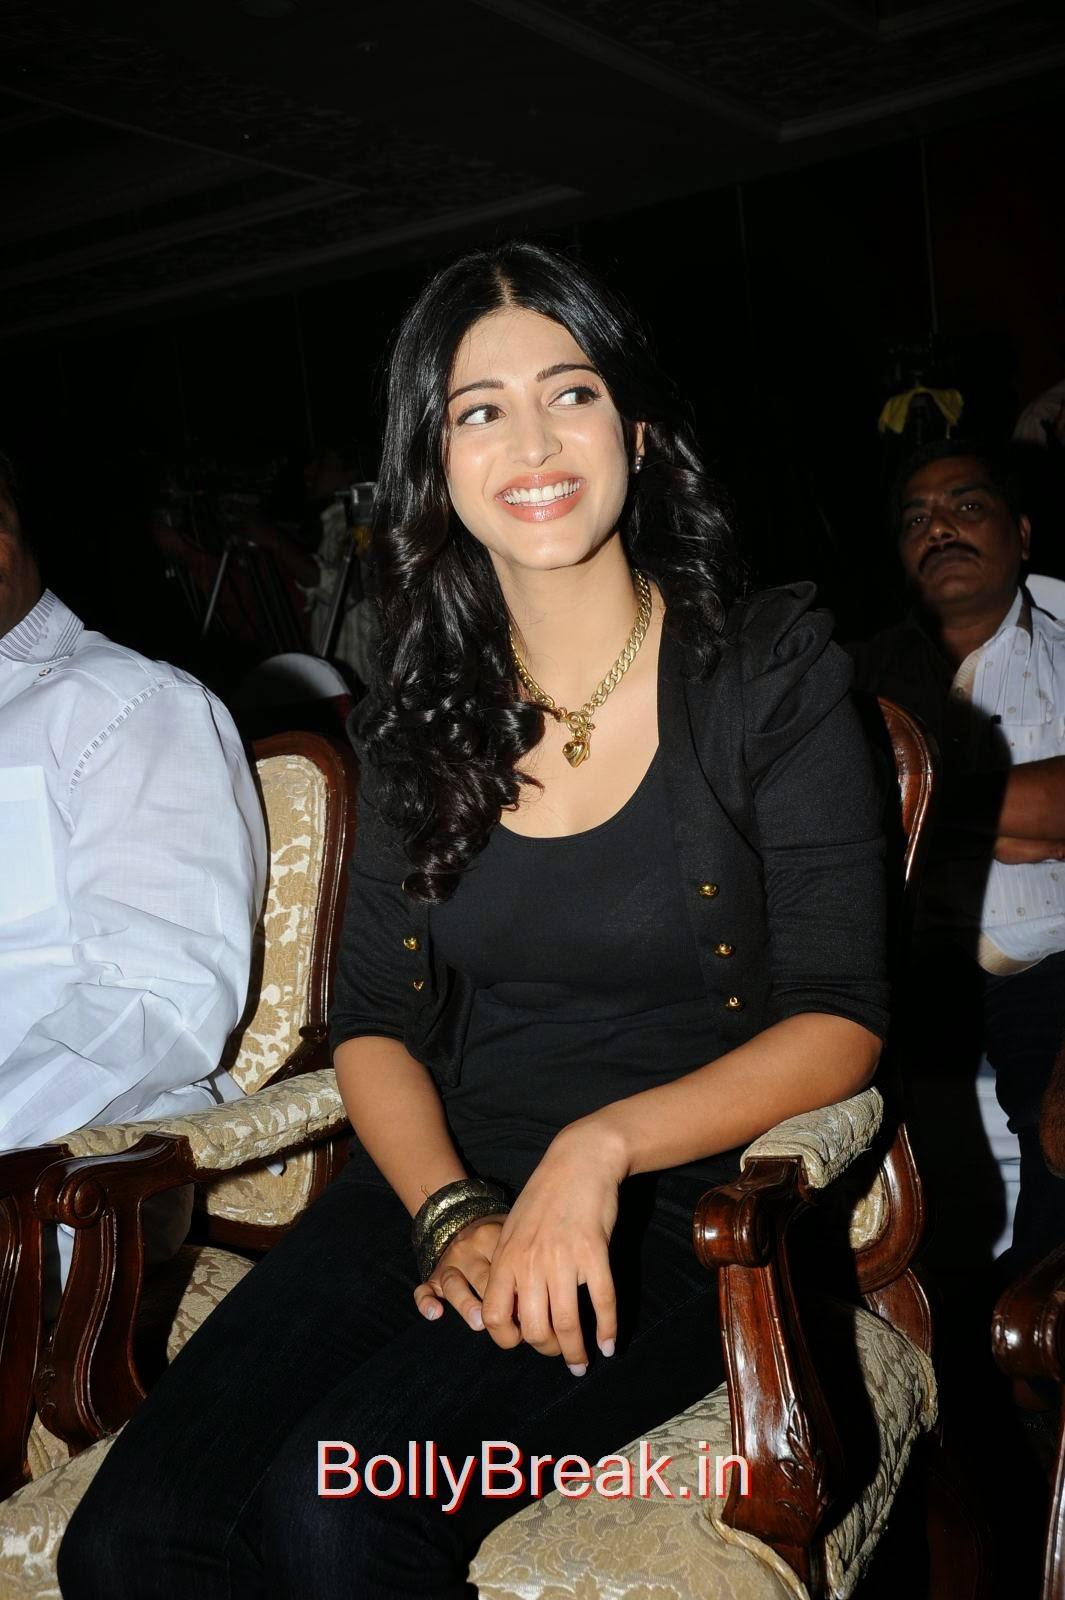 [IMG] [/IMG],  Shruti Hassan Hot HD Images in Black Dress